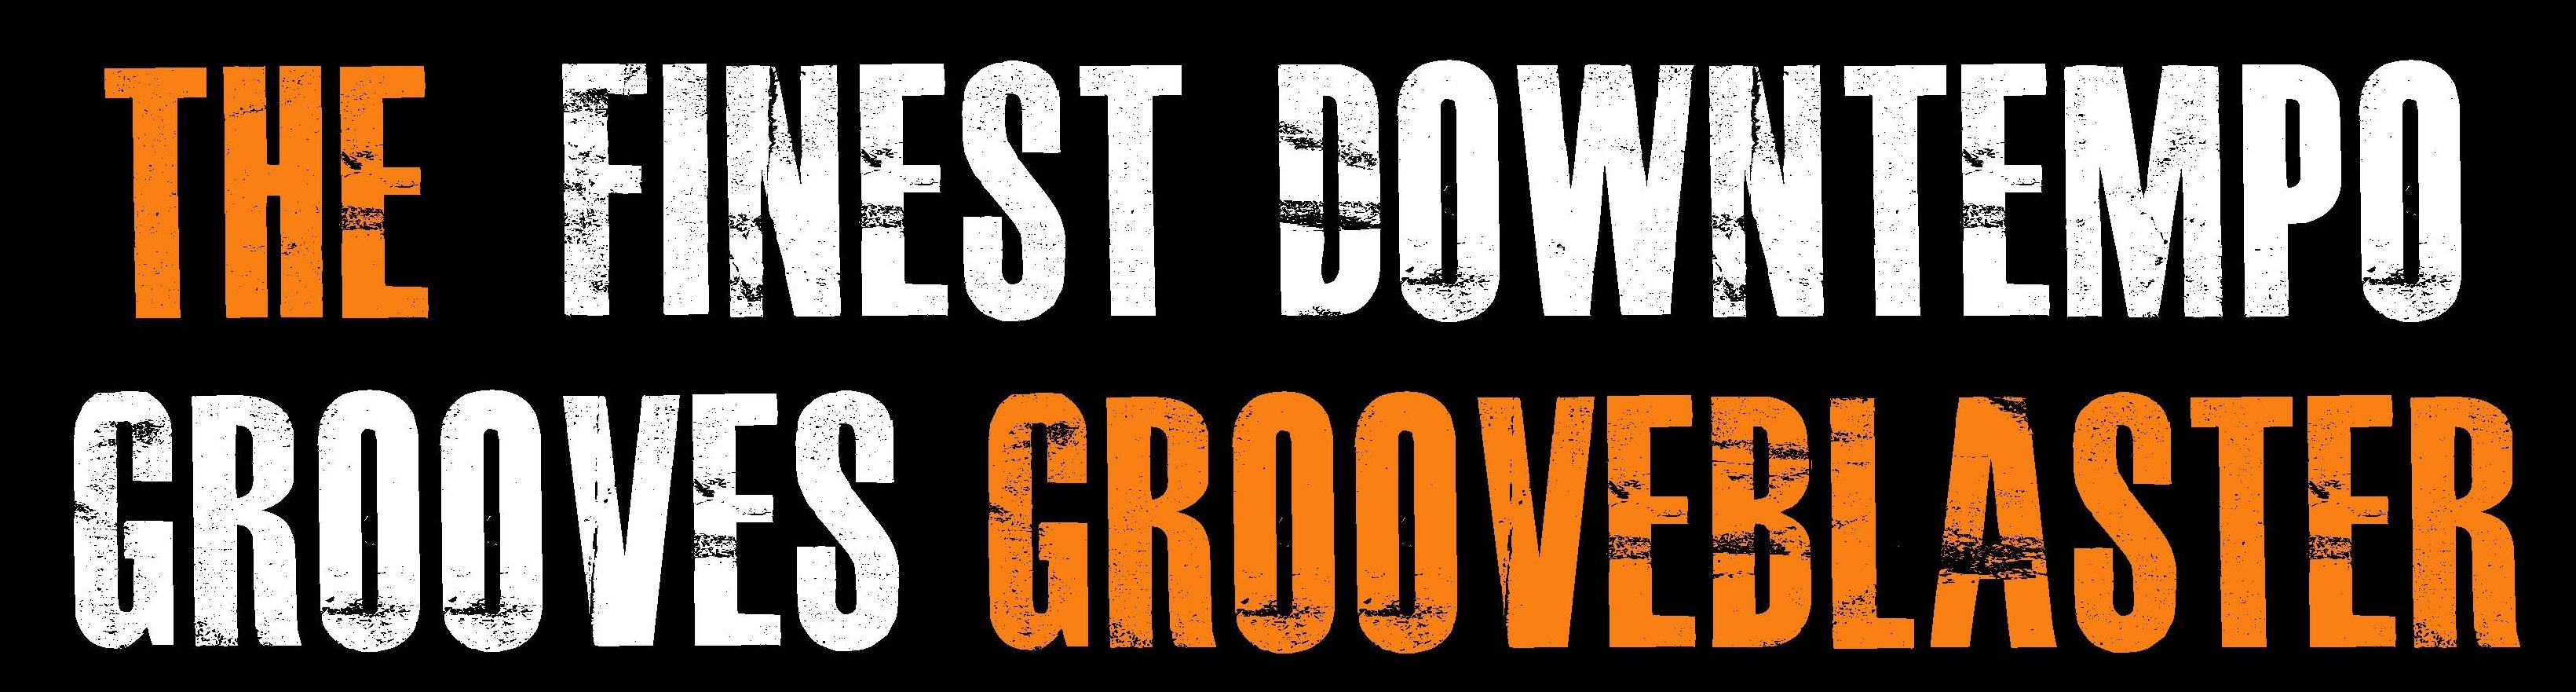 groove promo4